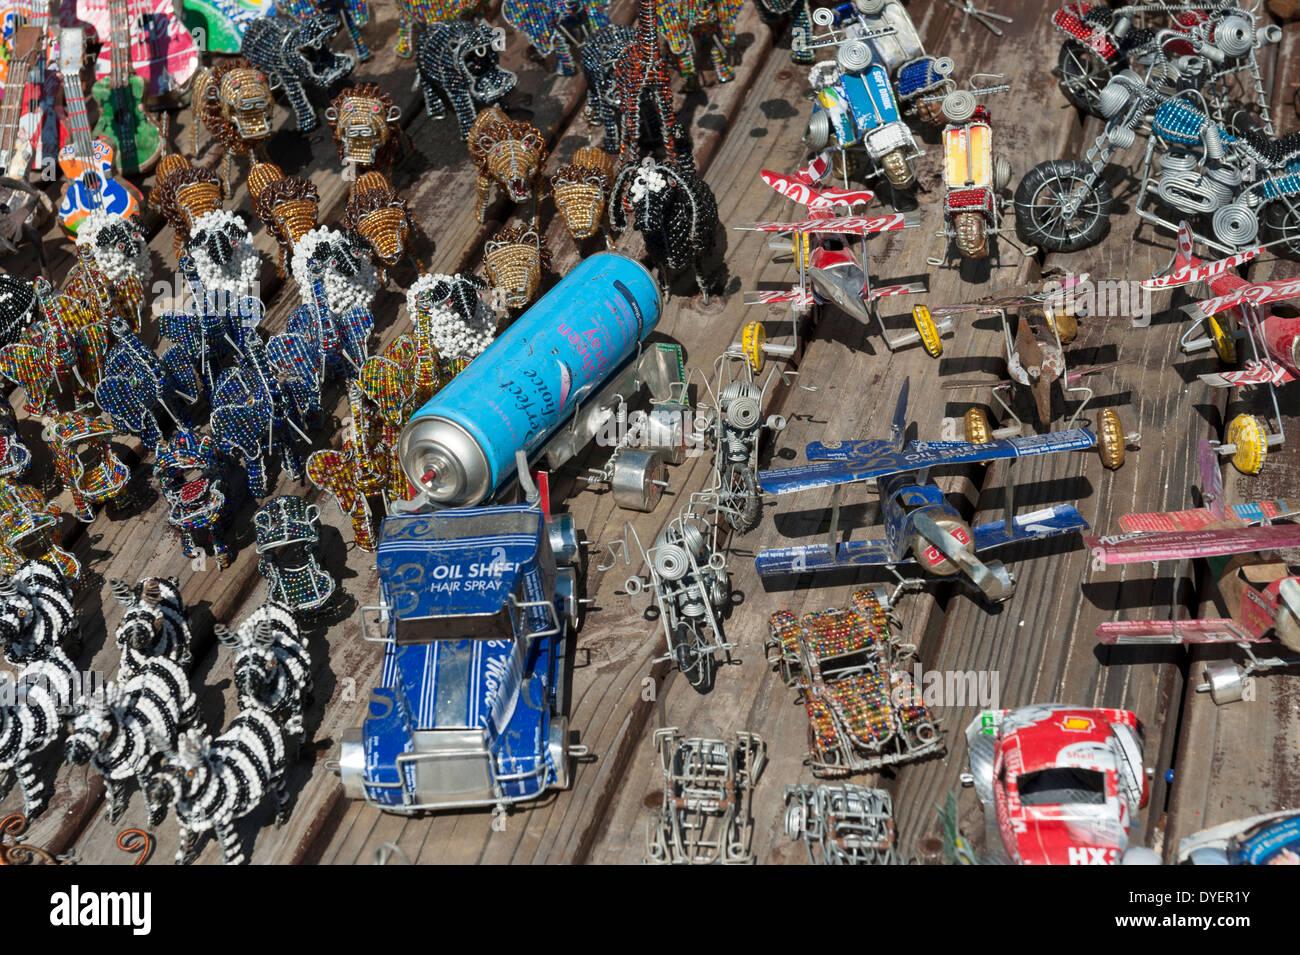 Affichage de l'artisanat de l'étain véhicules et d'animaux en métal et perles de verre, Simon's Town, Western Cape, Afrique du Sud Photo Stock